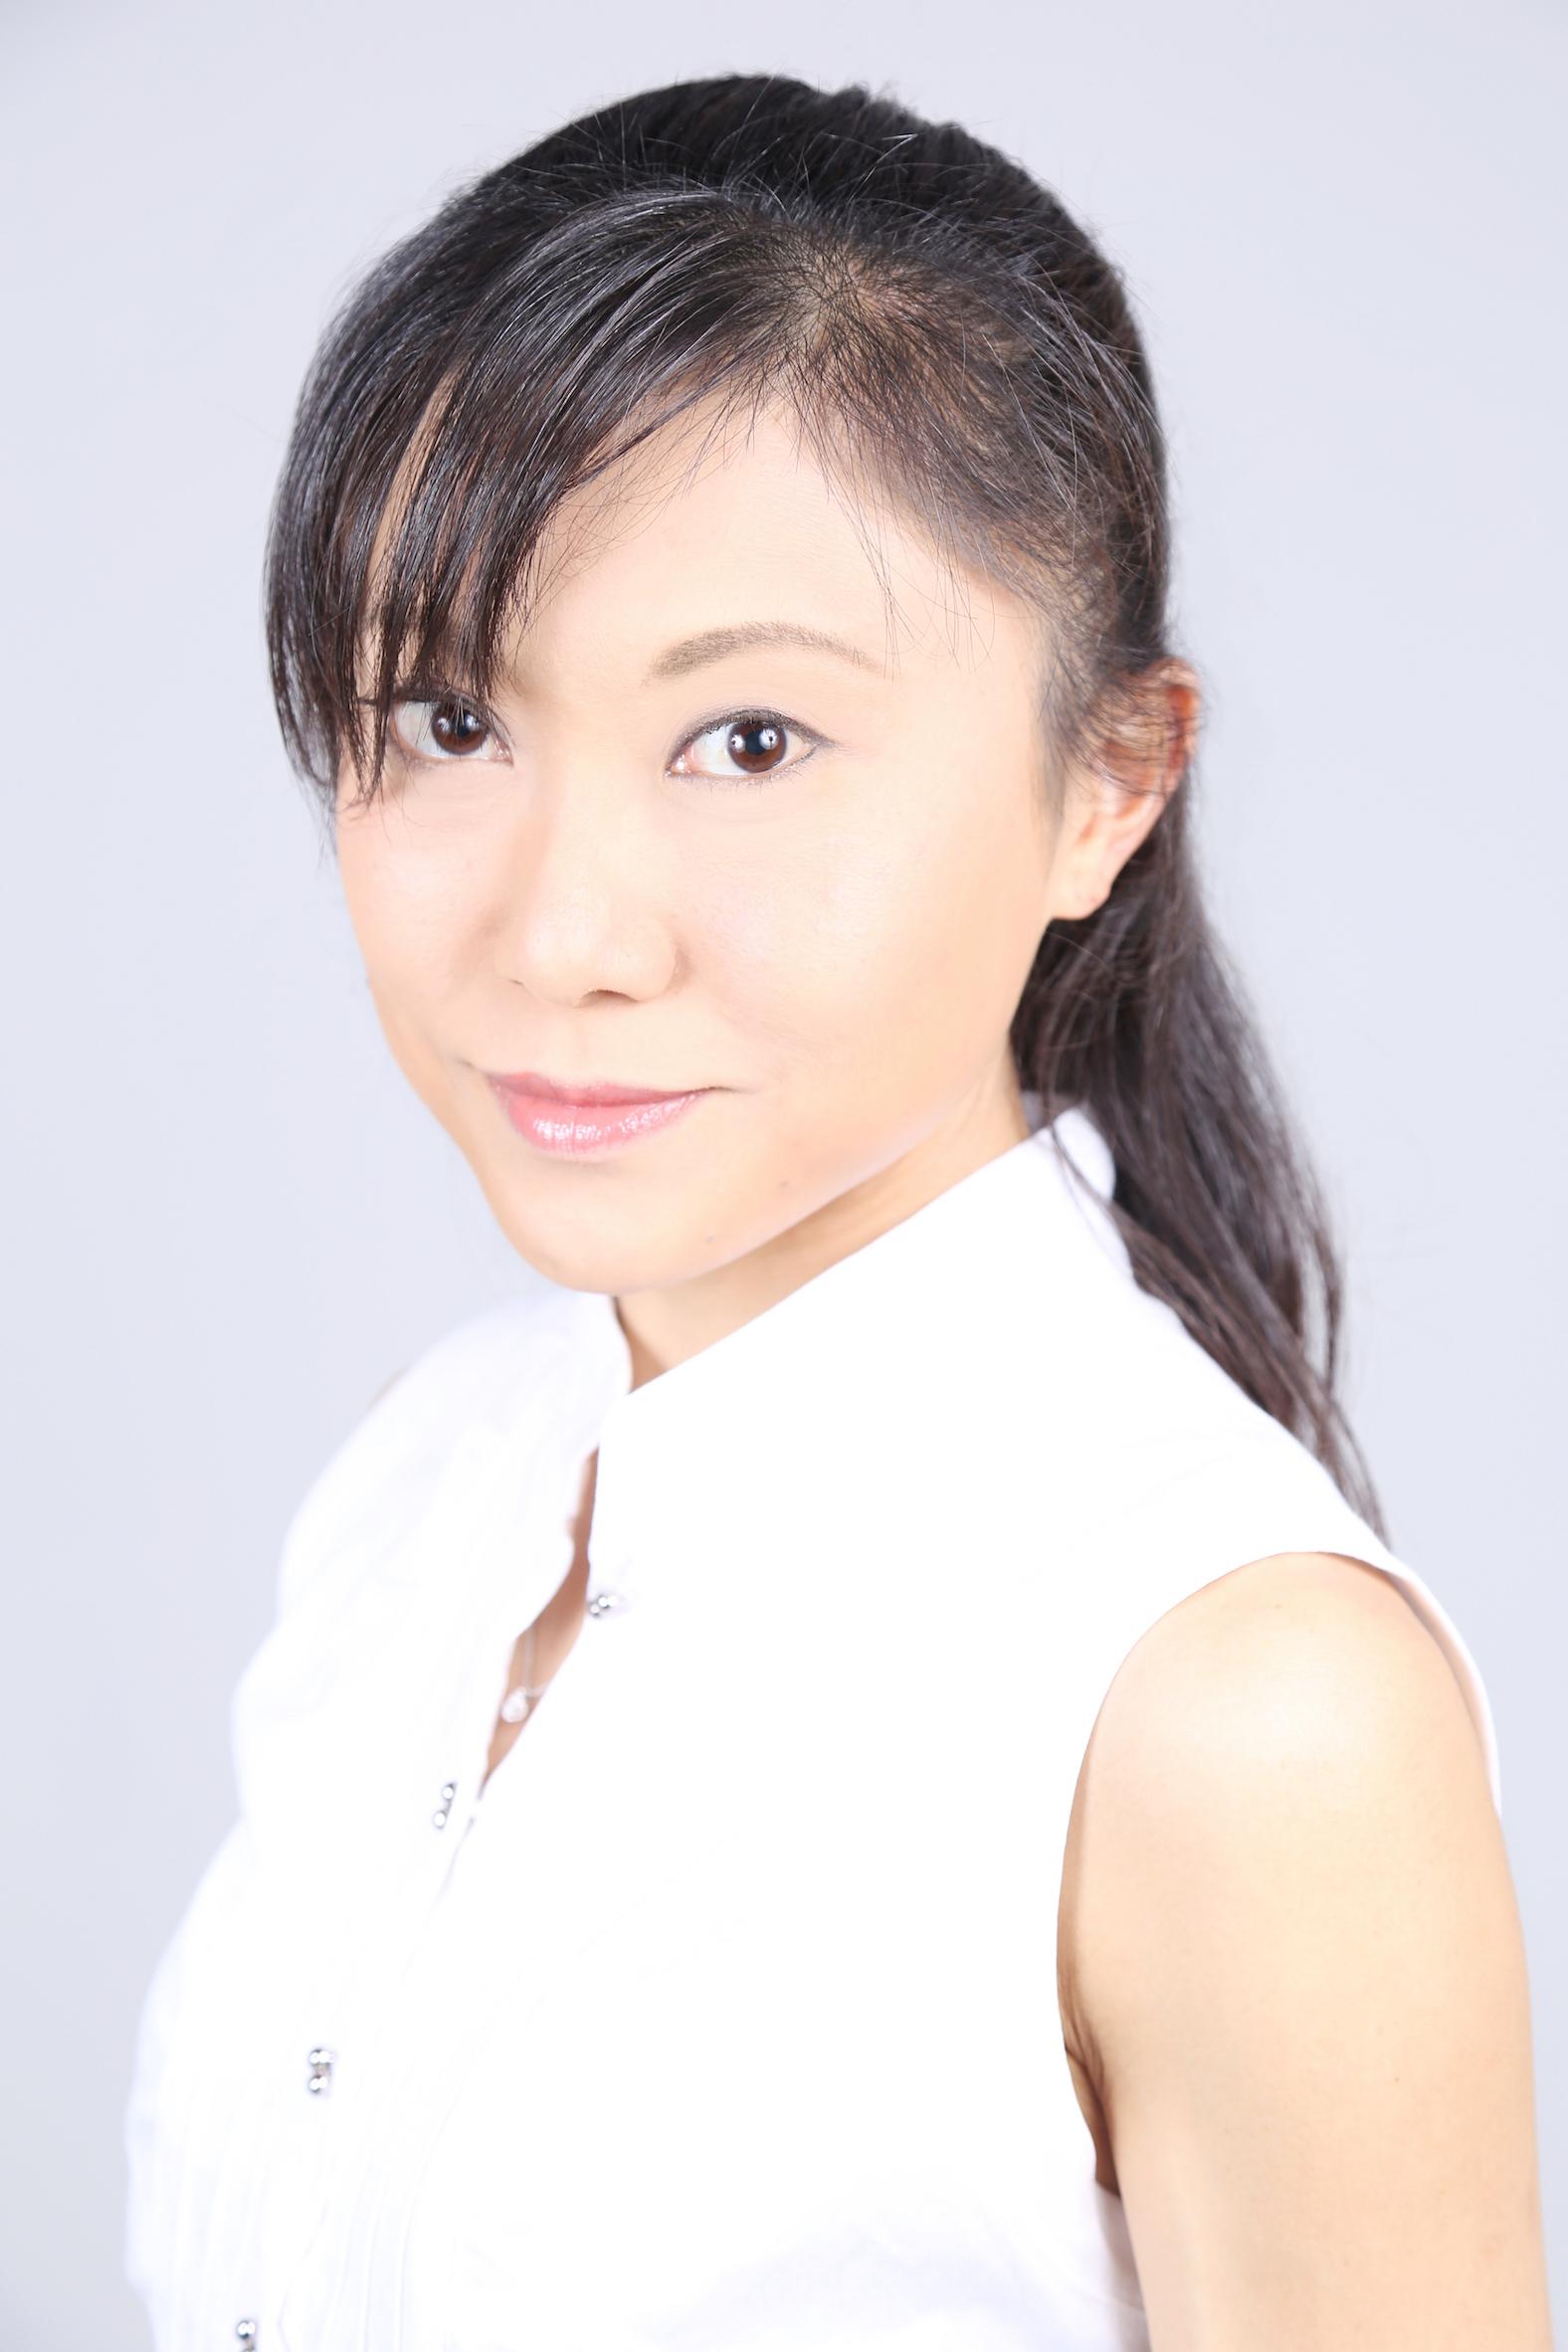 山崎 叶巴美 Yamazaki Tomomi